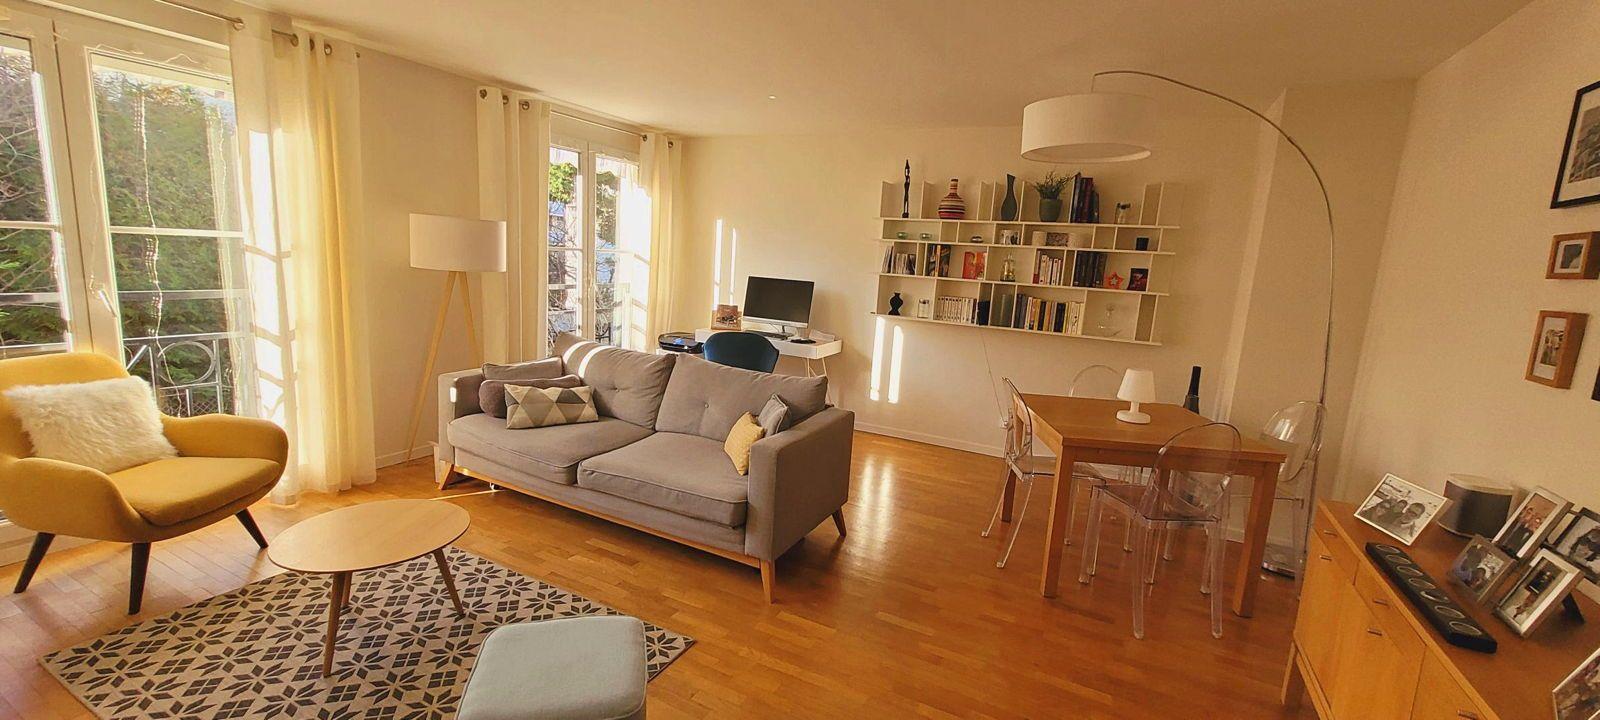 Vends bel appartement 70m² - 2chambres à Rueil Malmaison (92)